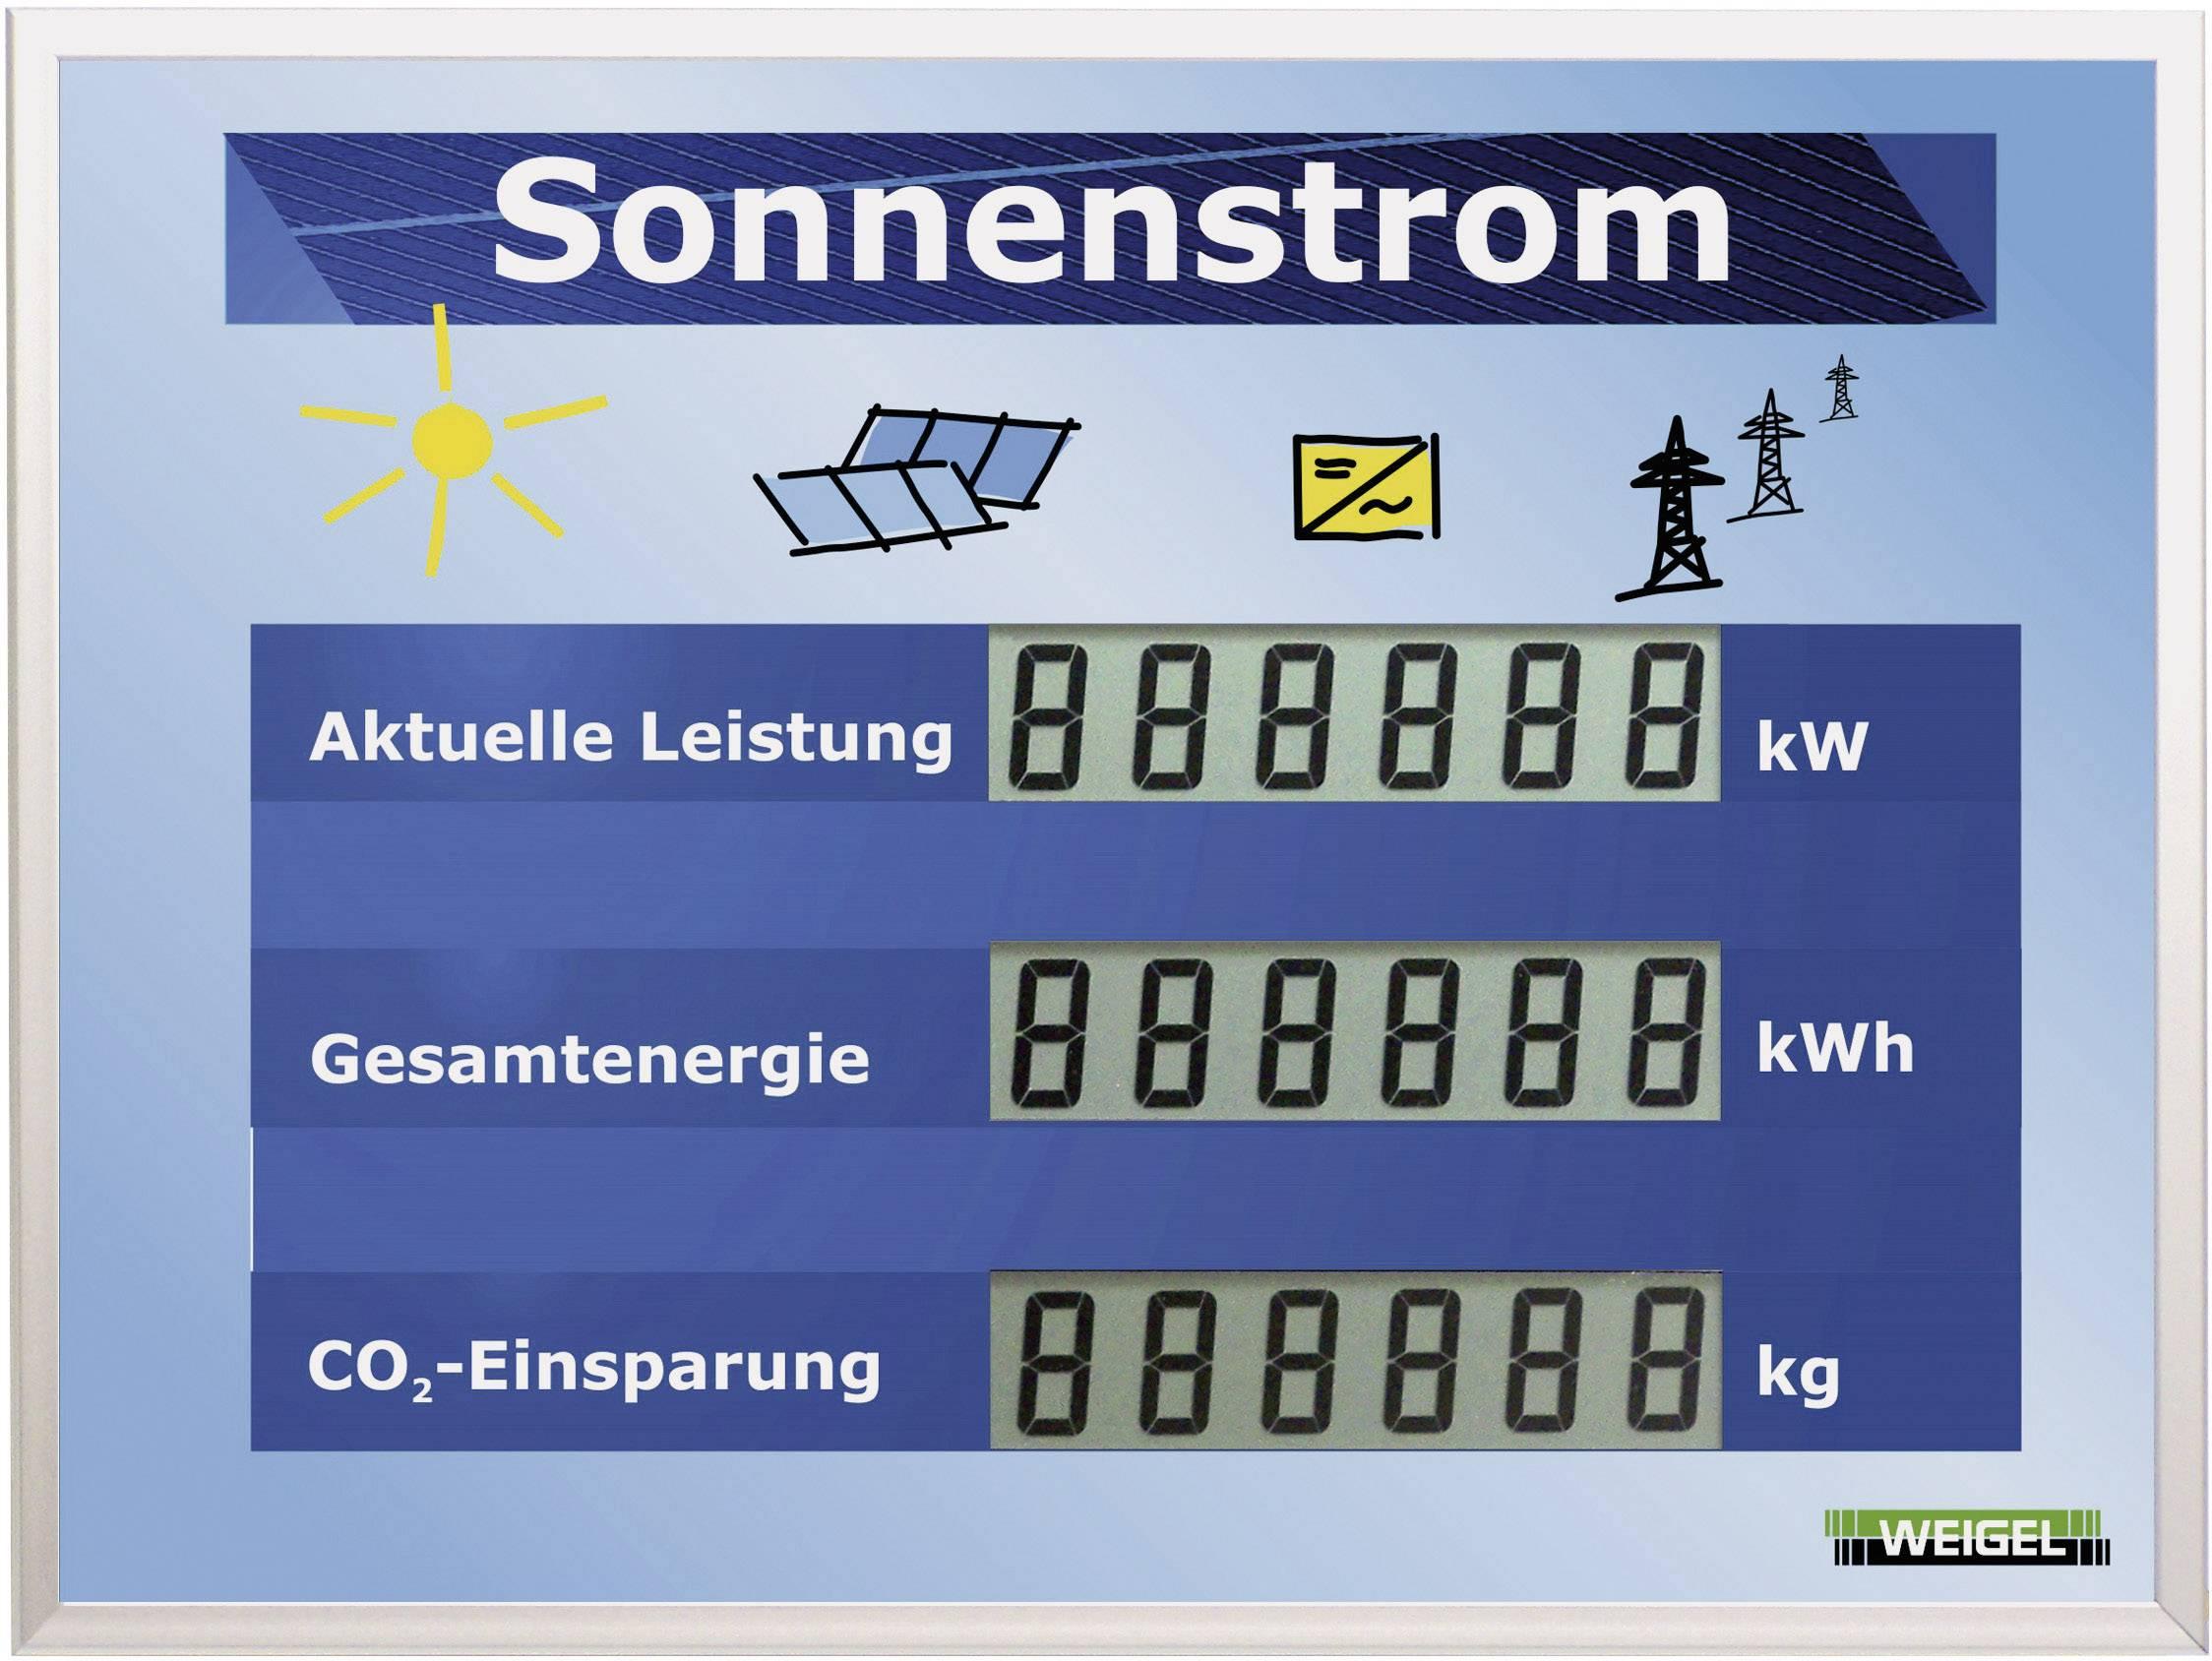 LCD displej pre fotovoltaické systémy Weigel WGA350si-19-41